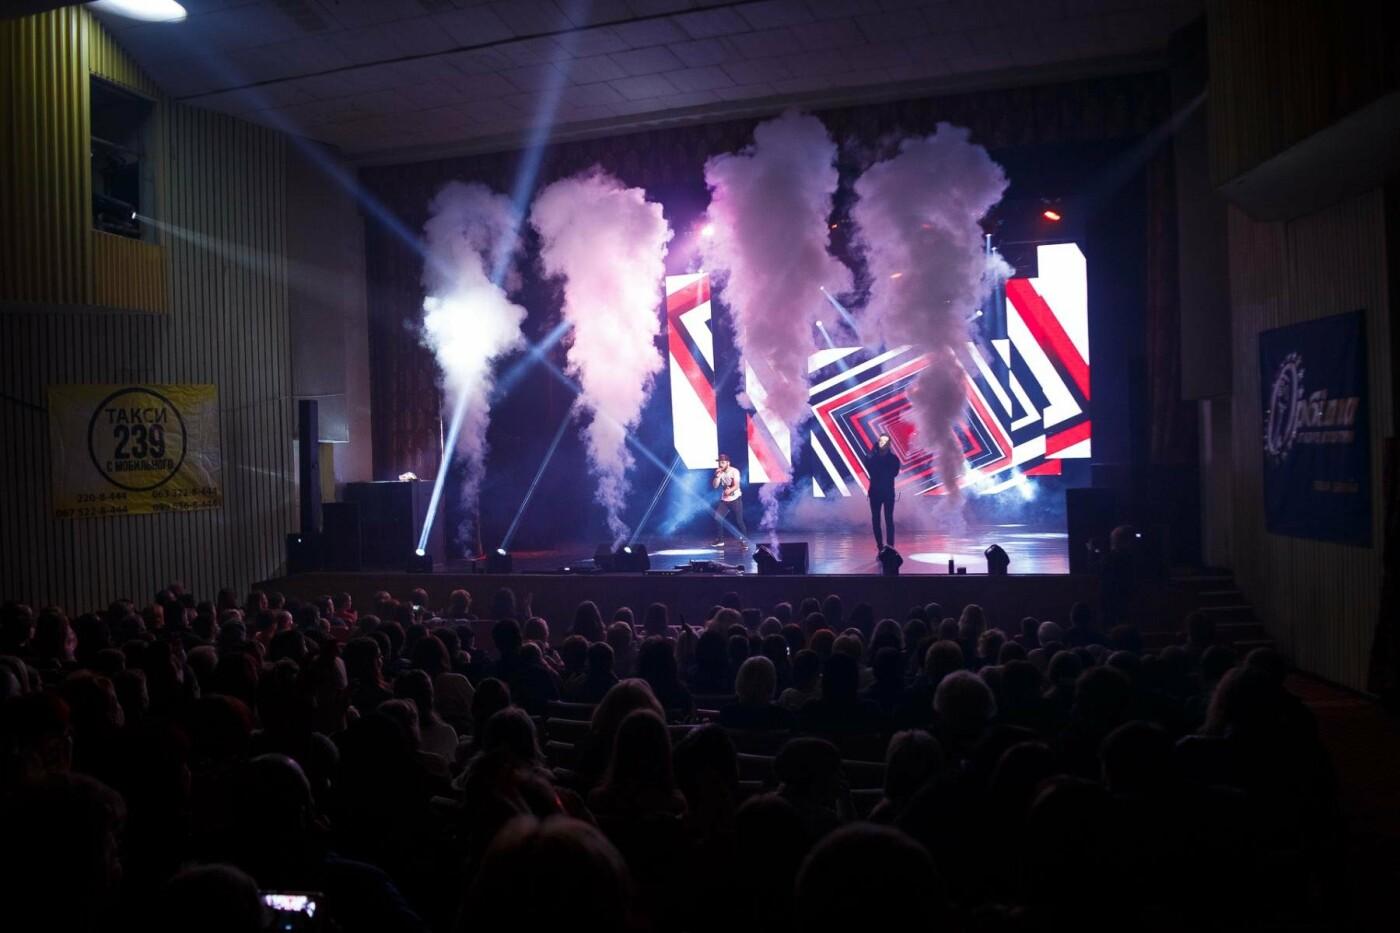 Запорожцев приглашают на концерт финалистов музыкальных телешоу, фото-6